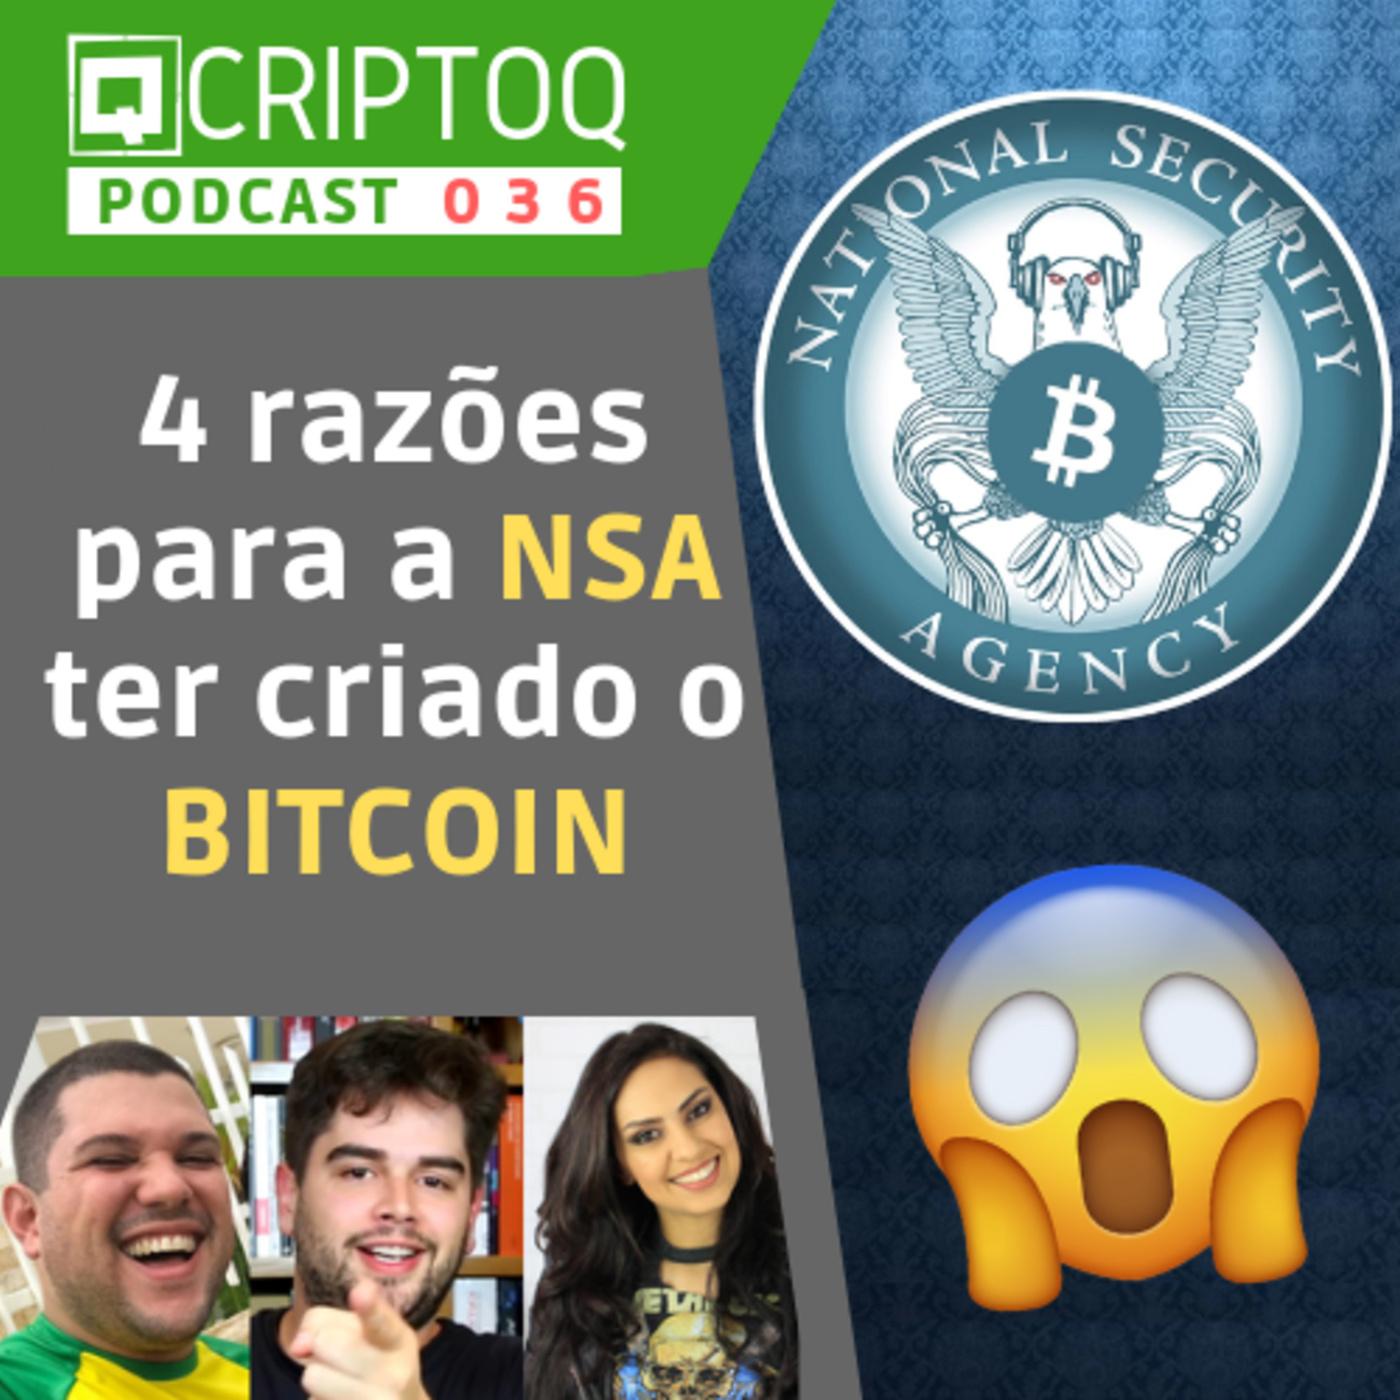 4 razões para acreditar que a NSA criou o Bitcoin | CriptoQ 036